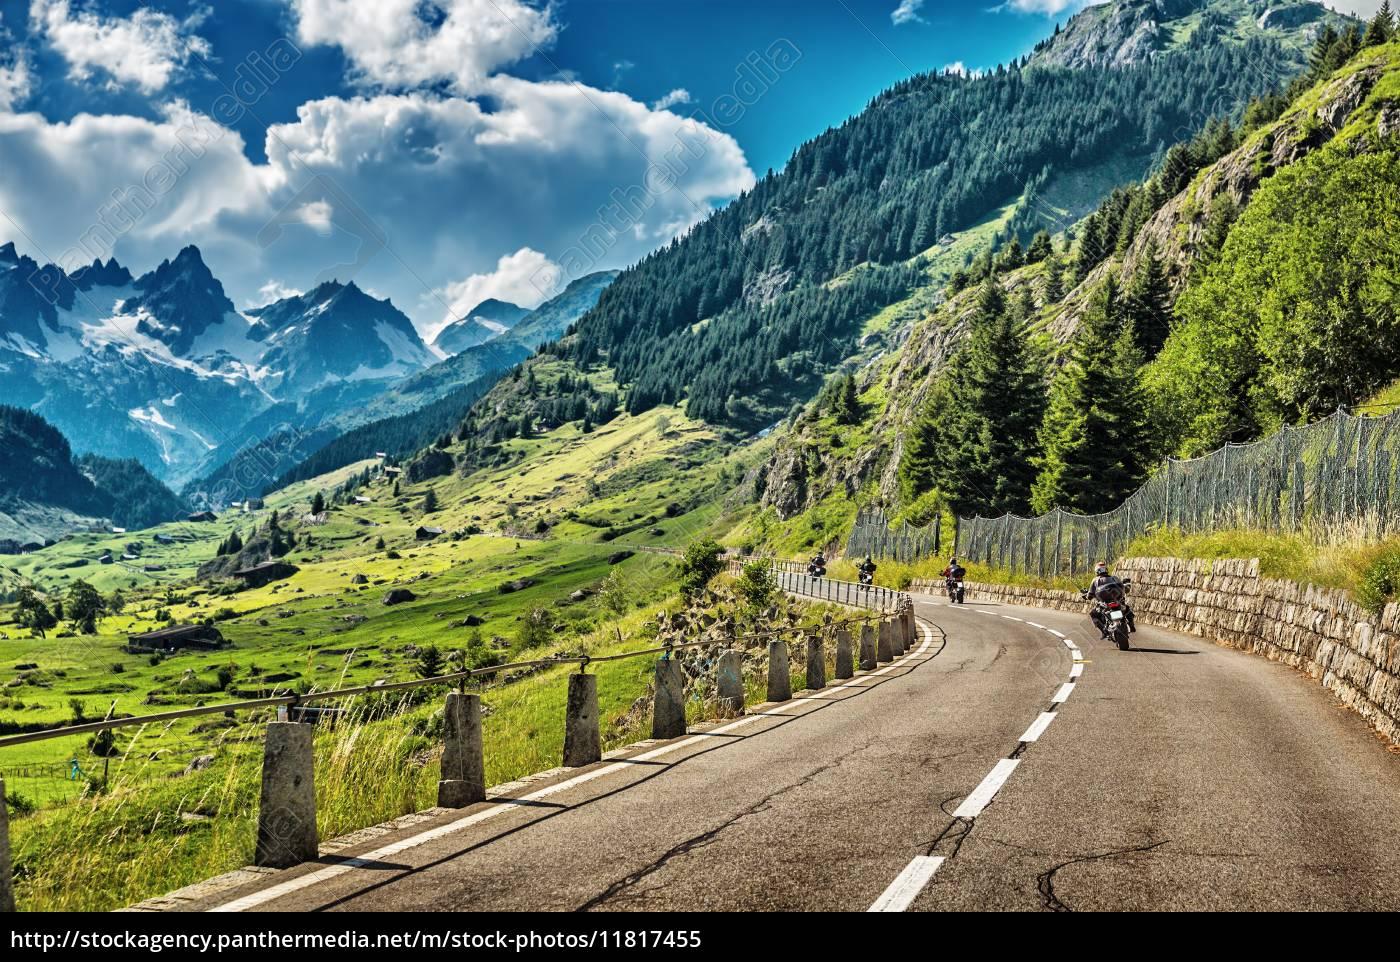 grupa, rowerzystów, zwiedzania, alpy, europejskich - 11817455